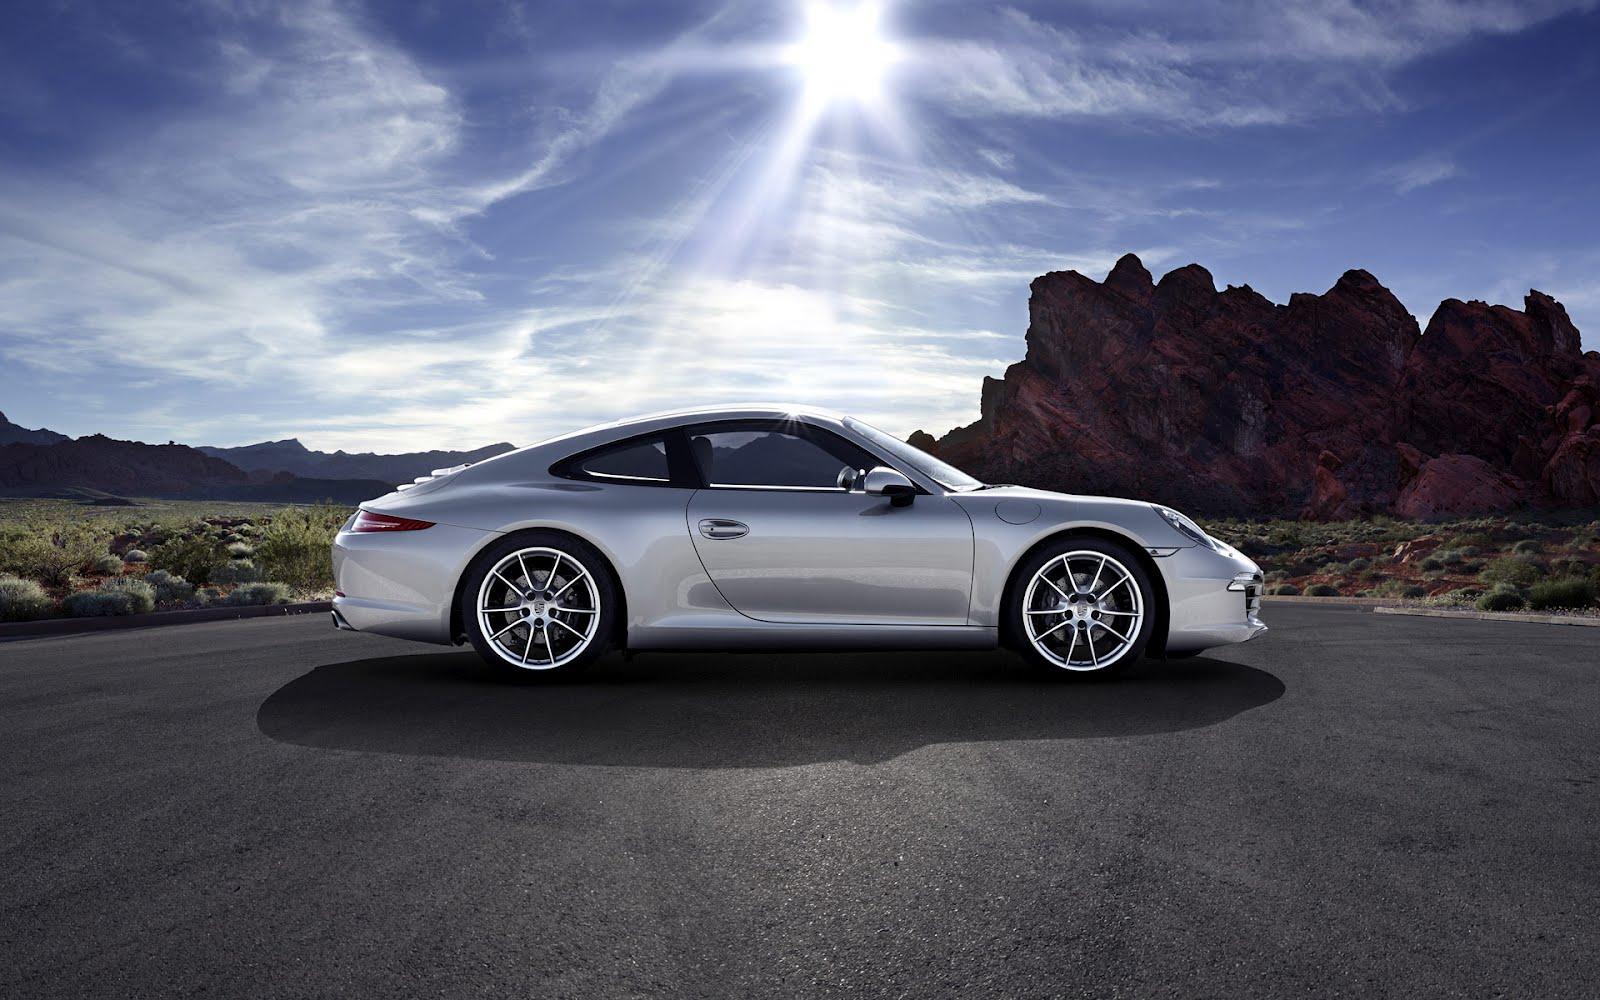 Porsche 911 Carrera hd wallpaper car wallpaper hd 1600x1000